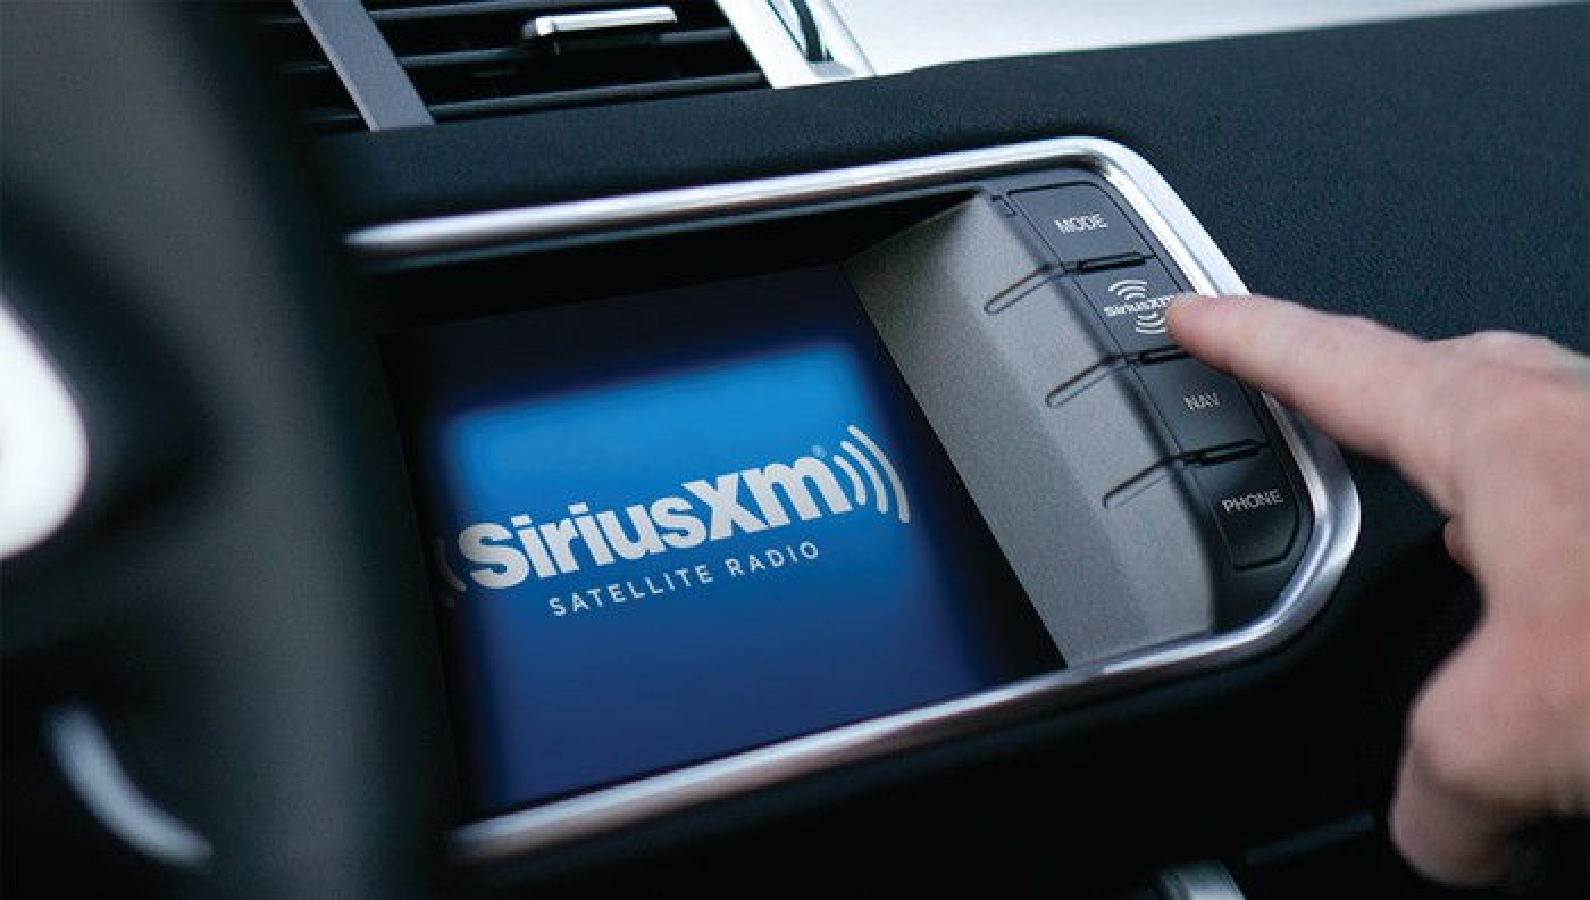 A SiriusXM in-car system